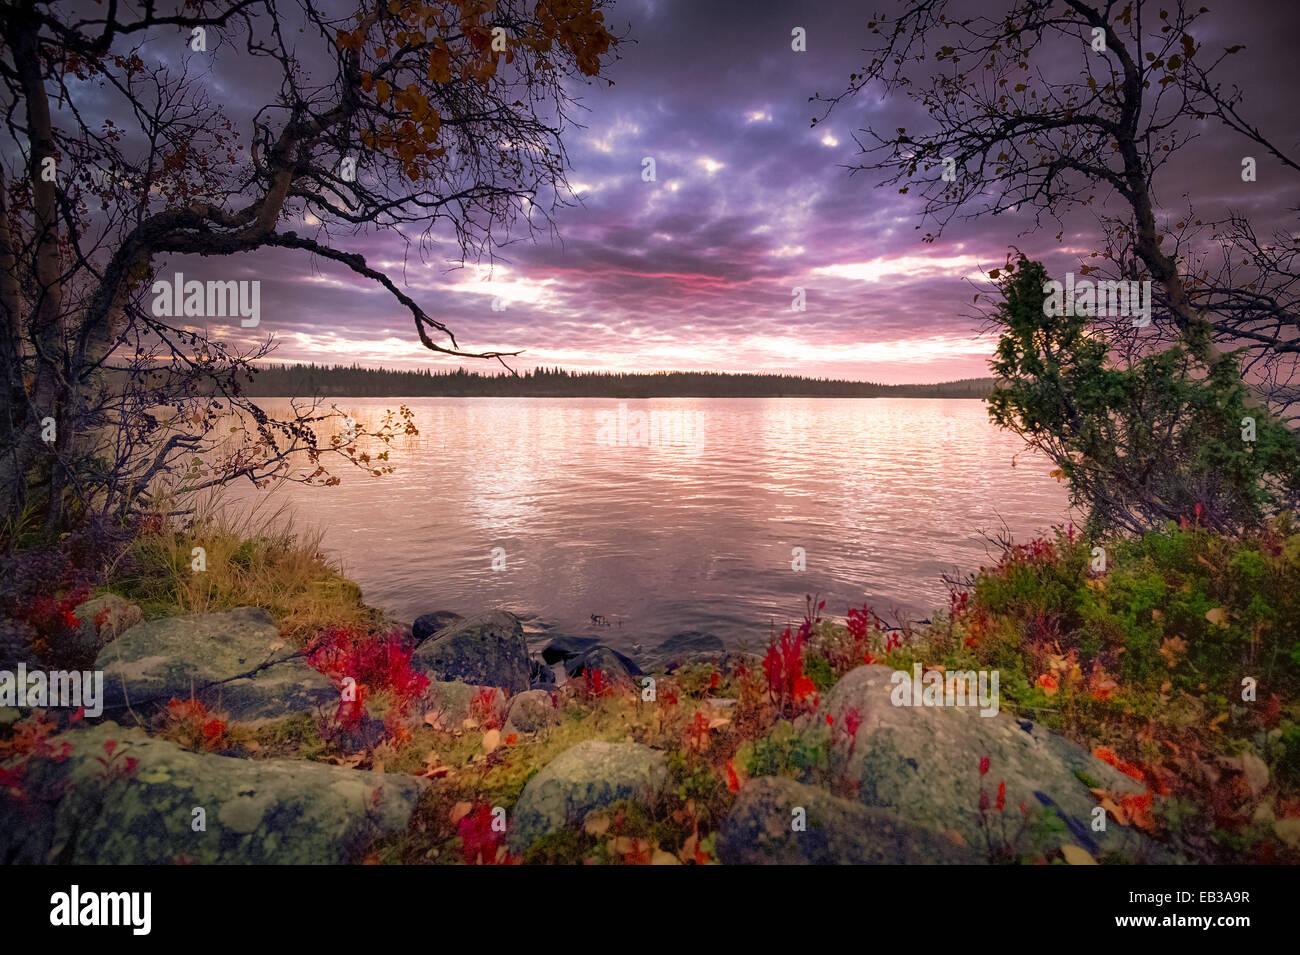 View of lake at dusk - Stock Image